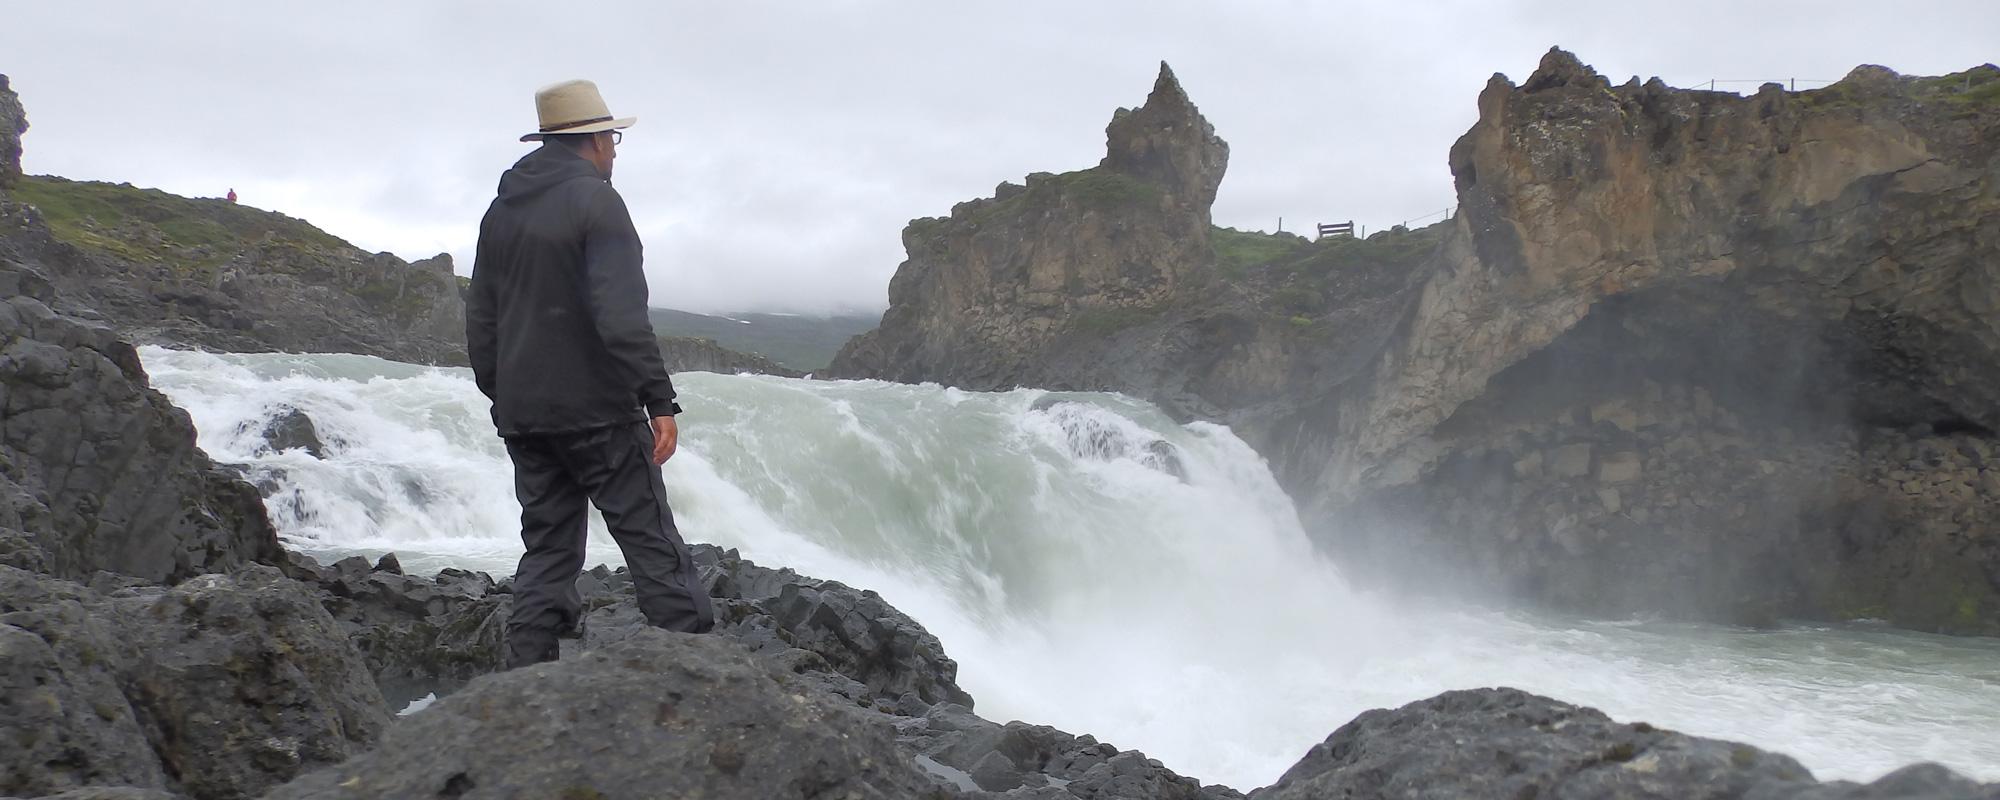 En islande à vélo en 2014, dans le Nord sur la route n°1, chute d'eau Skogafoss